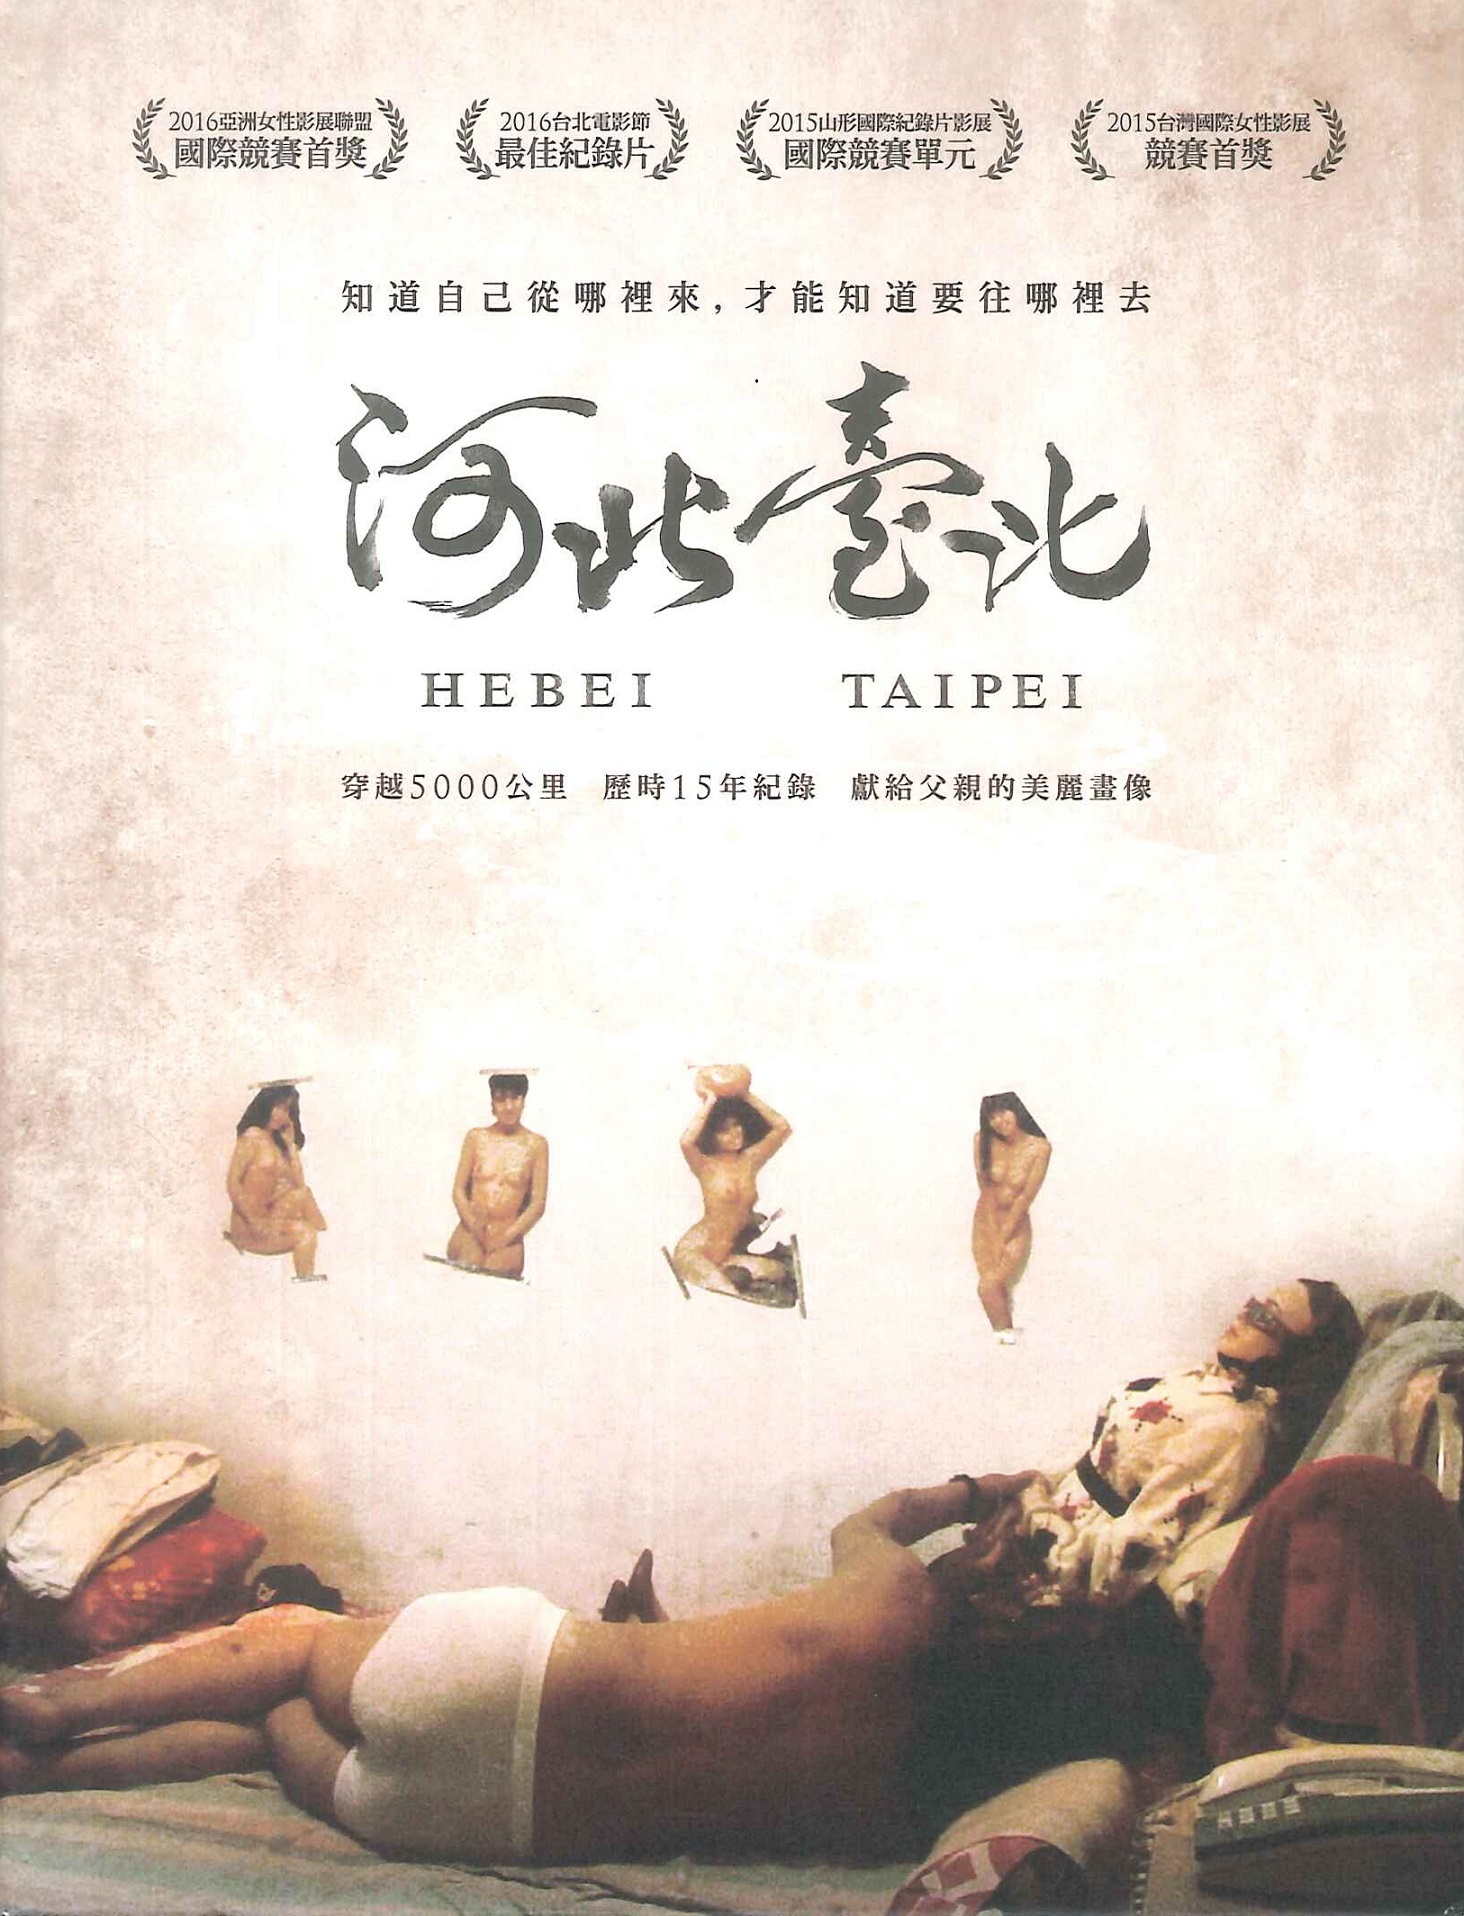 河北臺北 [錄影資料]=Hebei Taipei